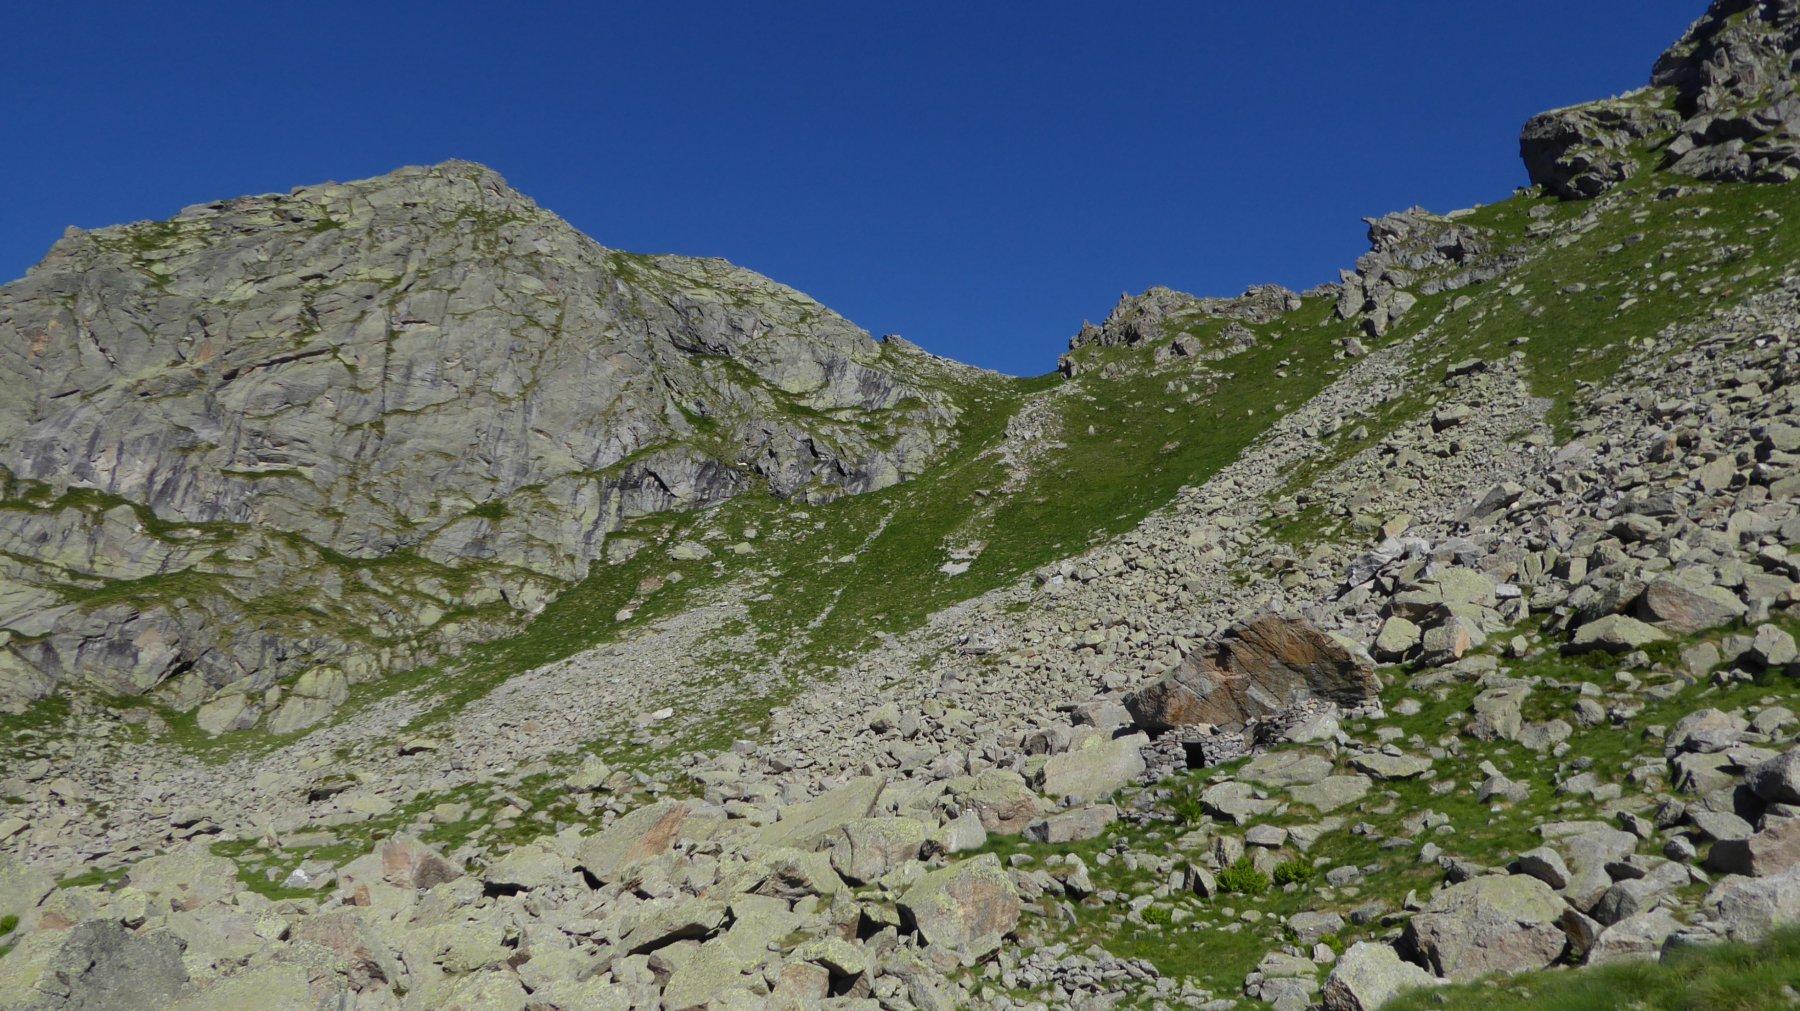 Sotto il masso, l'Alpe Destrera piccola, sopra il Passo e il Monte Destrera